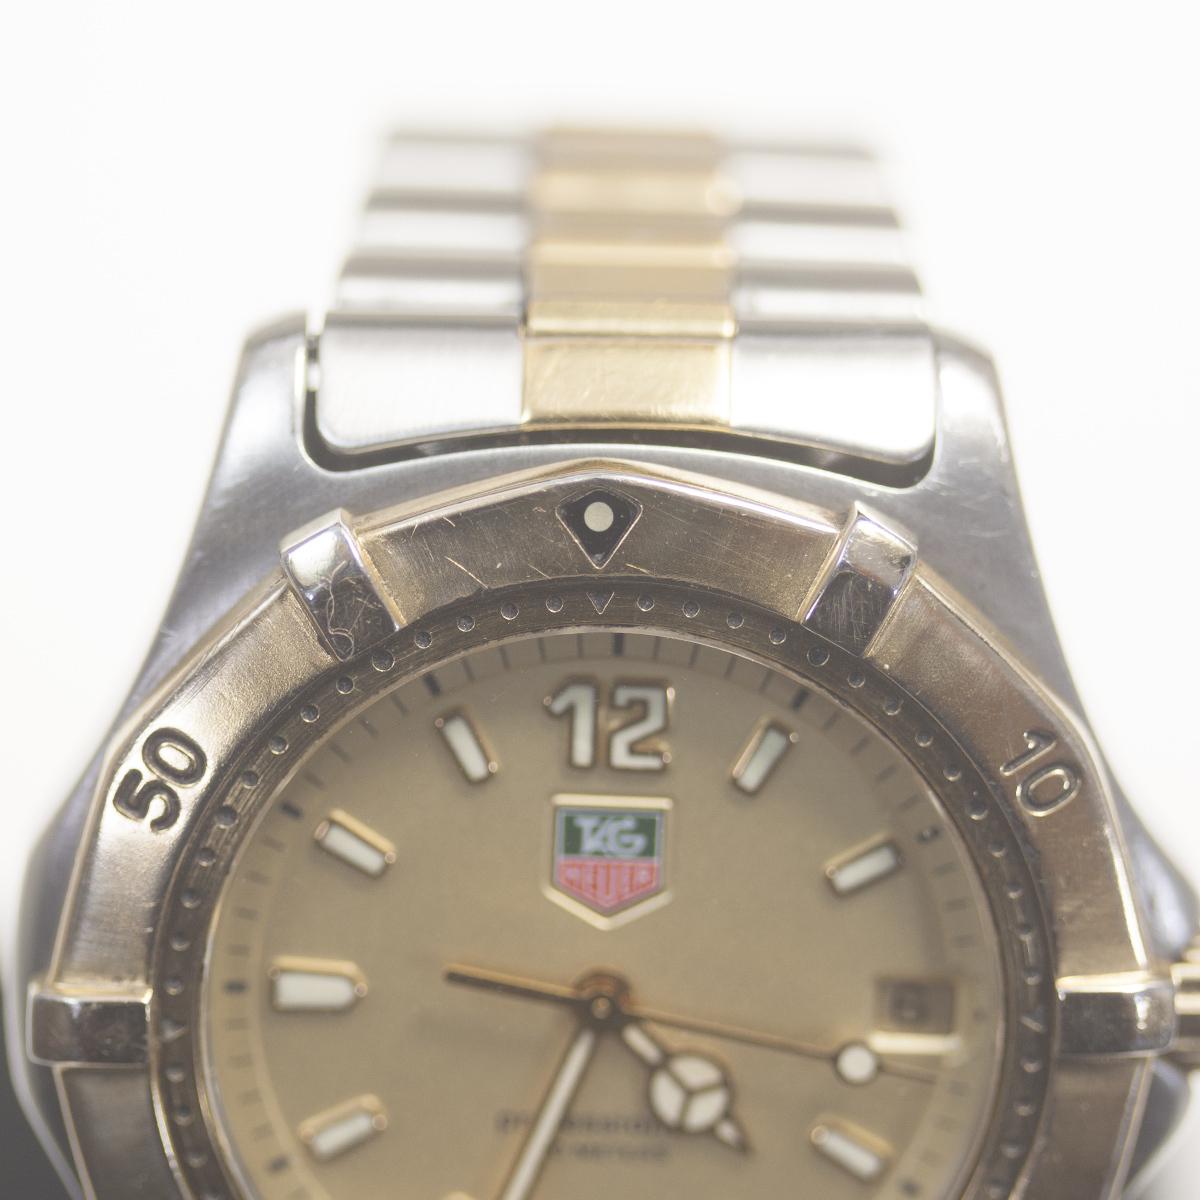 【TAG HEUER】タグホイヤー WK1121「プロフェッショナル 200m」クォーツ メンズ 腕時計【中古品】_画像5